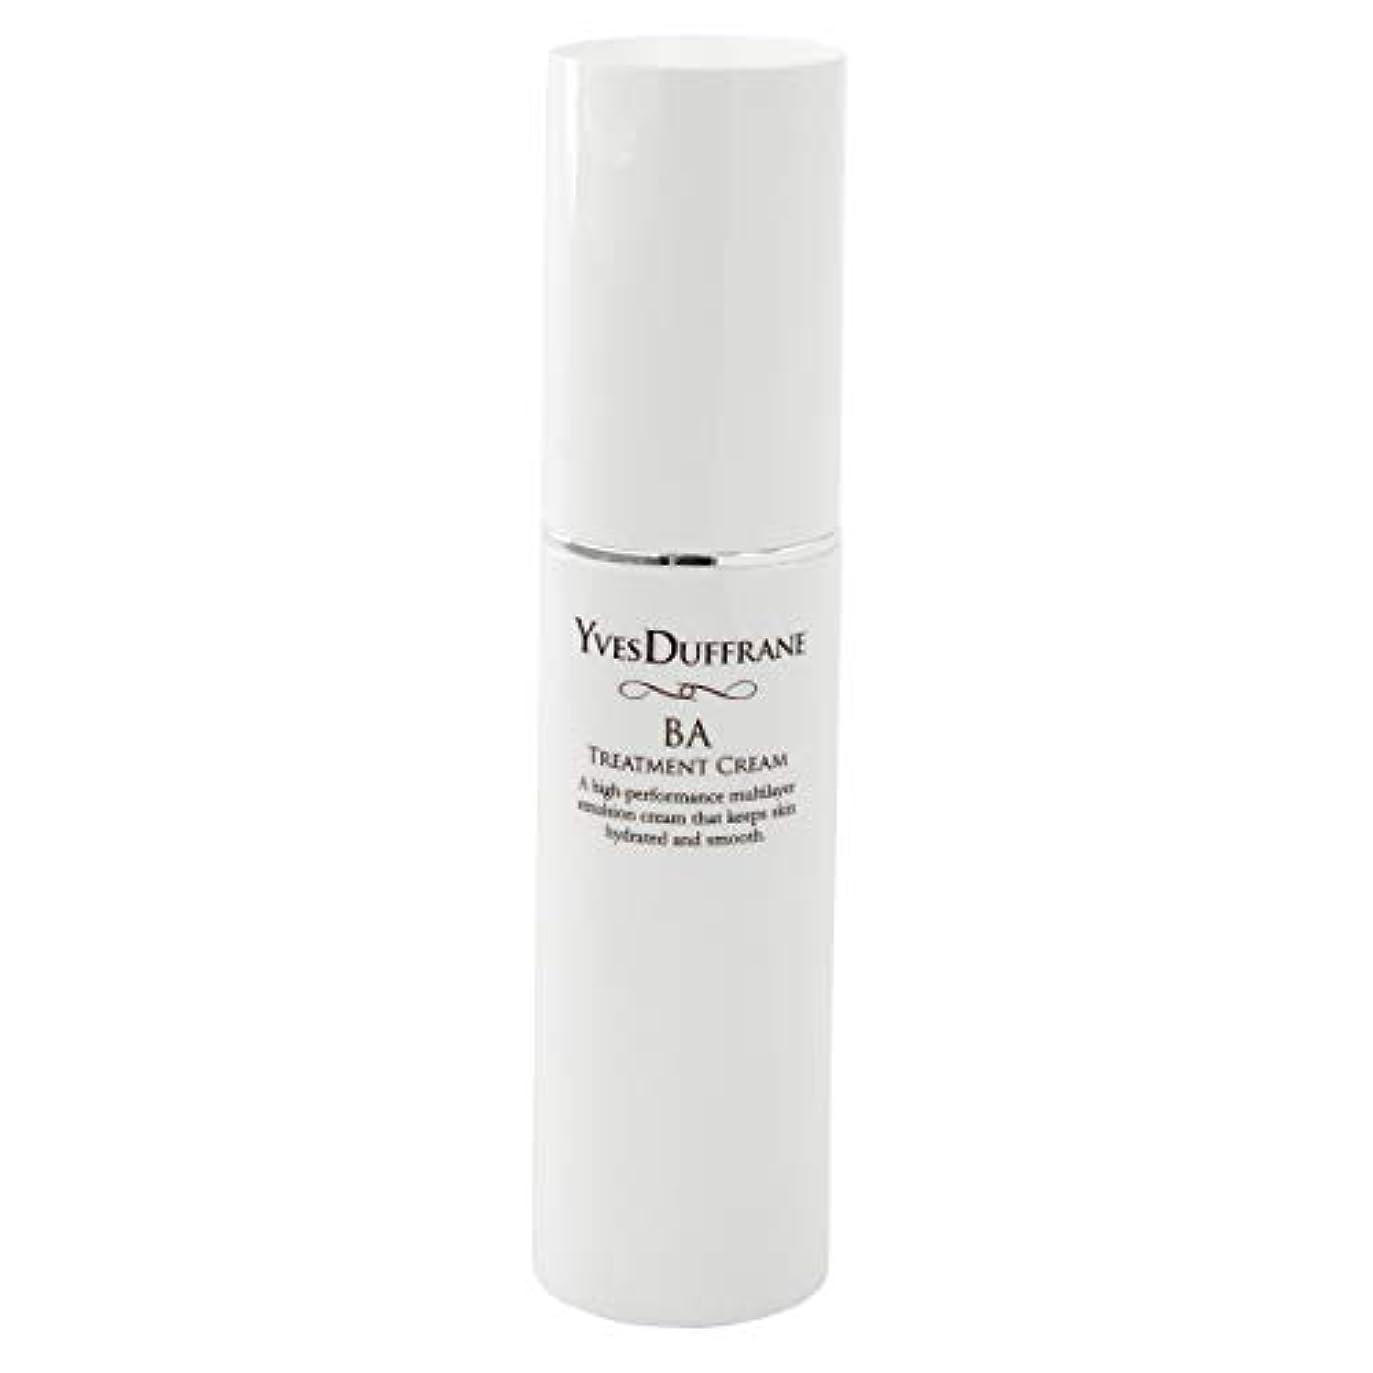 ロードハウス現れるスクリーチセラミド 美容クリーム [BAトリートメント クリーム ] 顔 目元 敏感肌 保湿 セラミド ビタミンC誘導体 バイオアンテージ配合